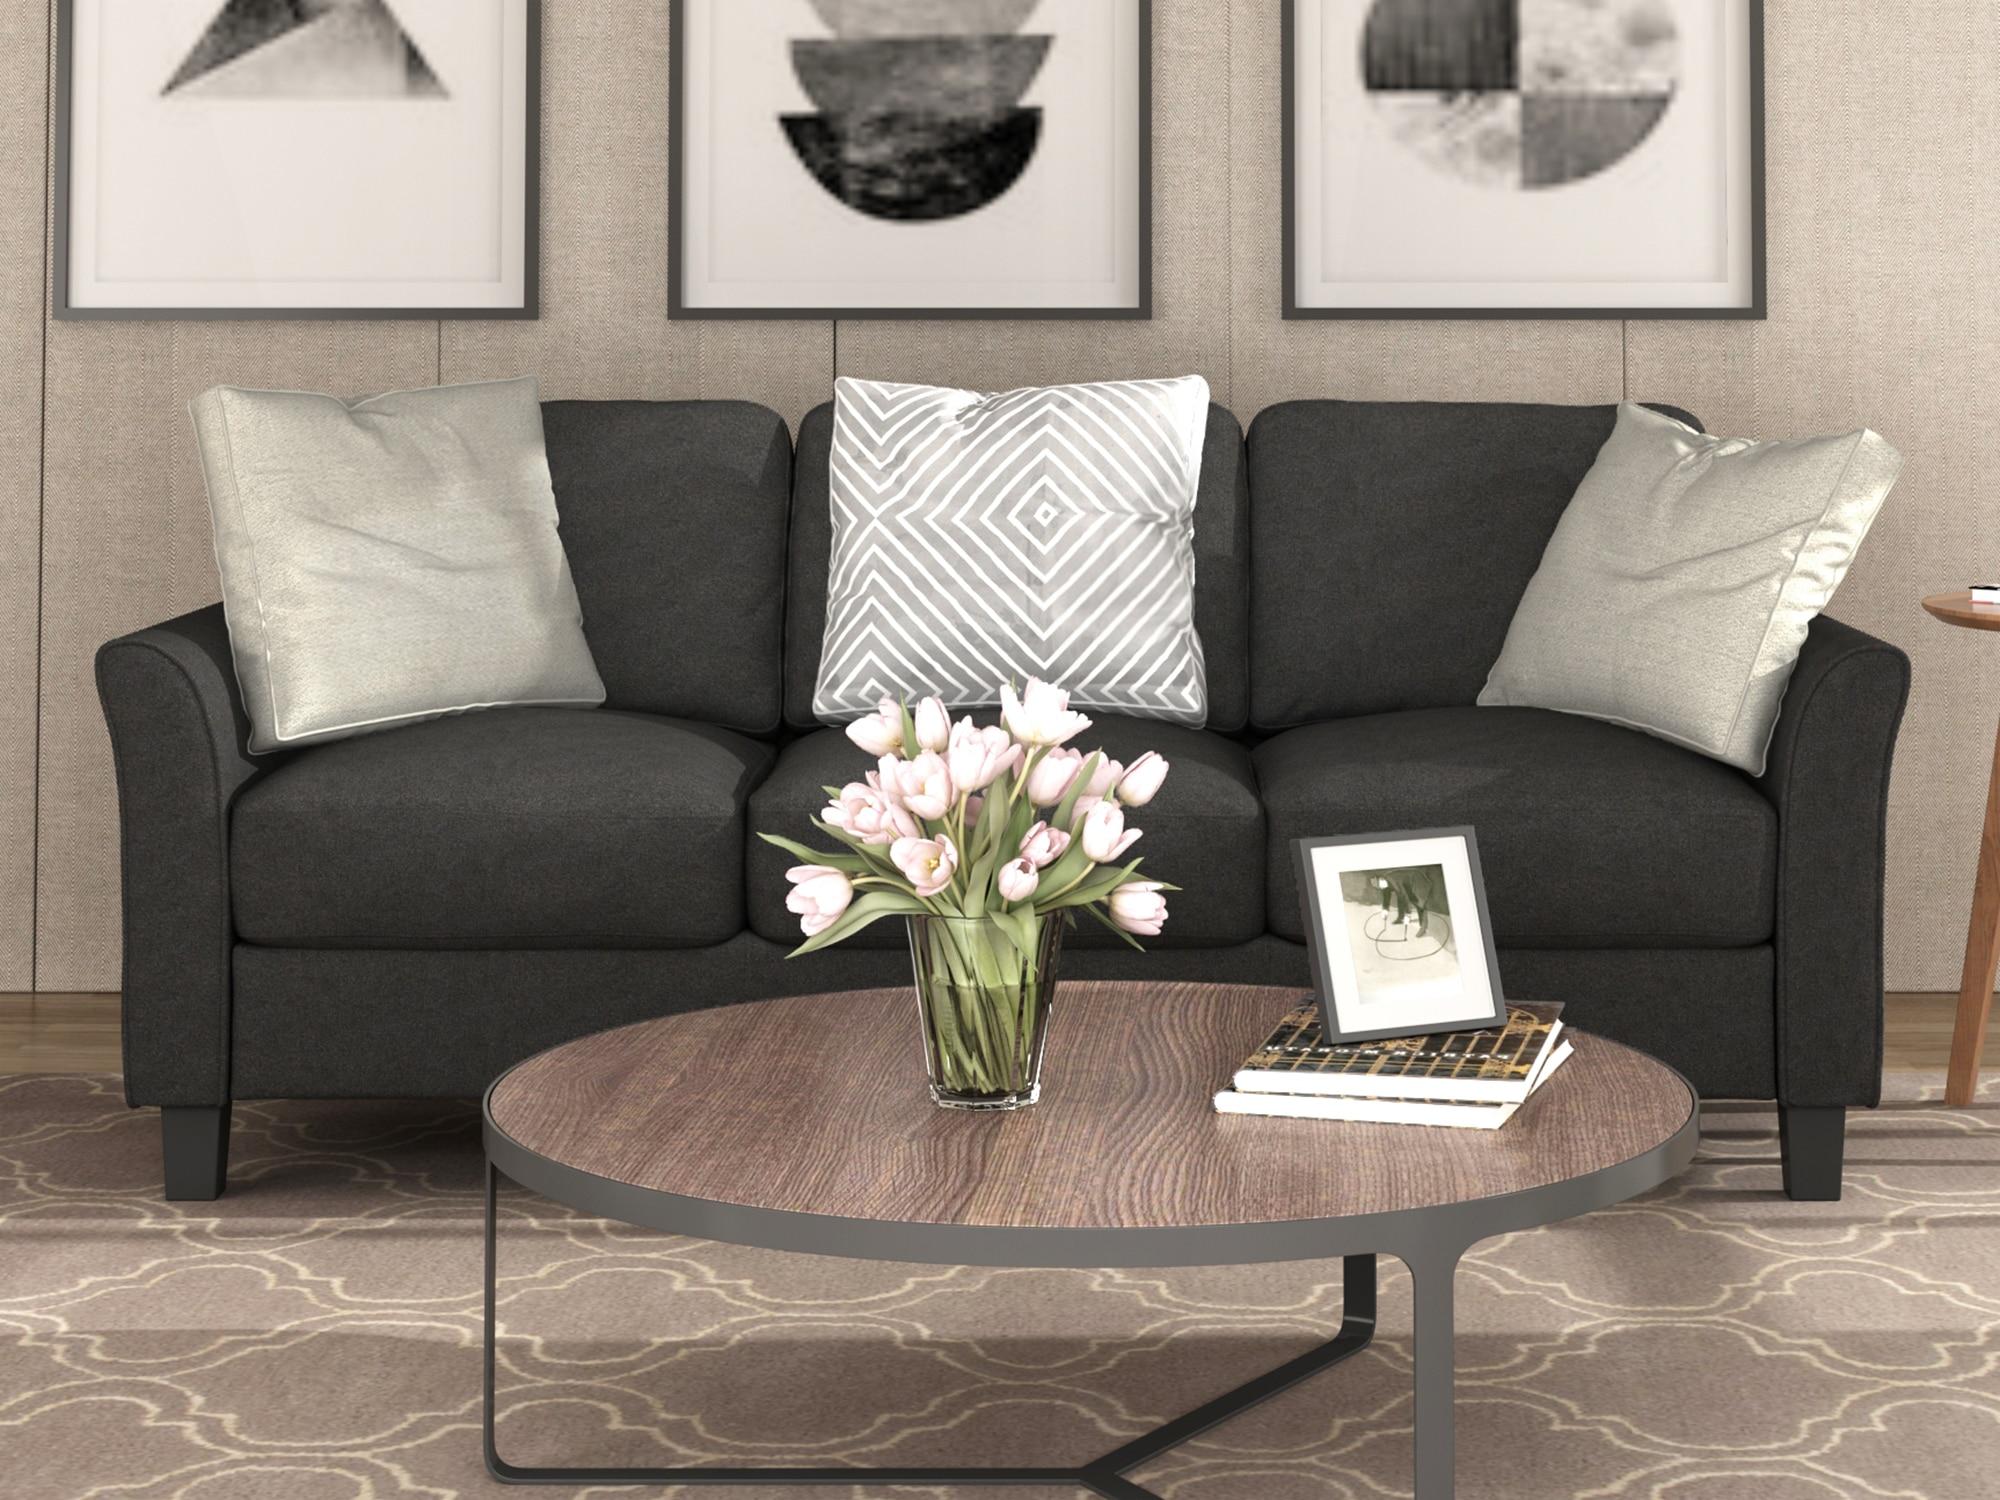 Sofa do salonu 3 siedzenia rozrywka salon kanapa dom umeblowanie nowoczesne meble do salonu